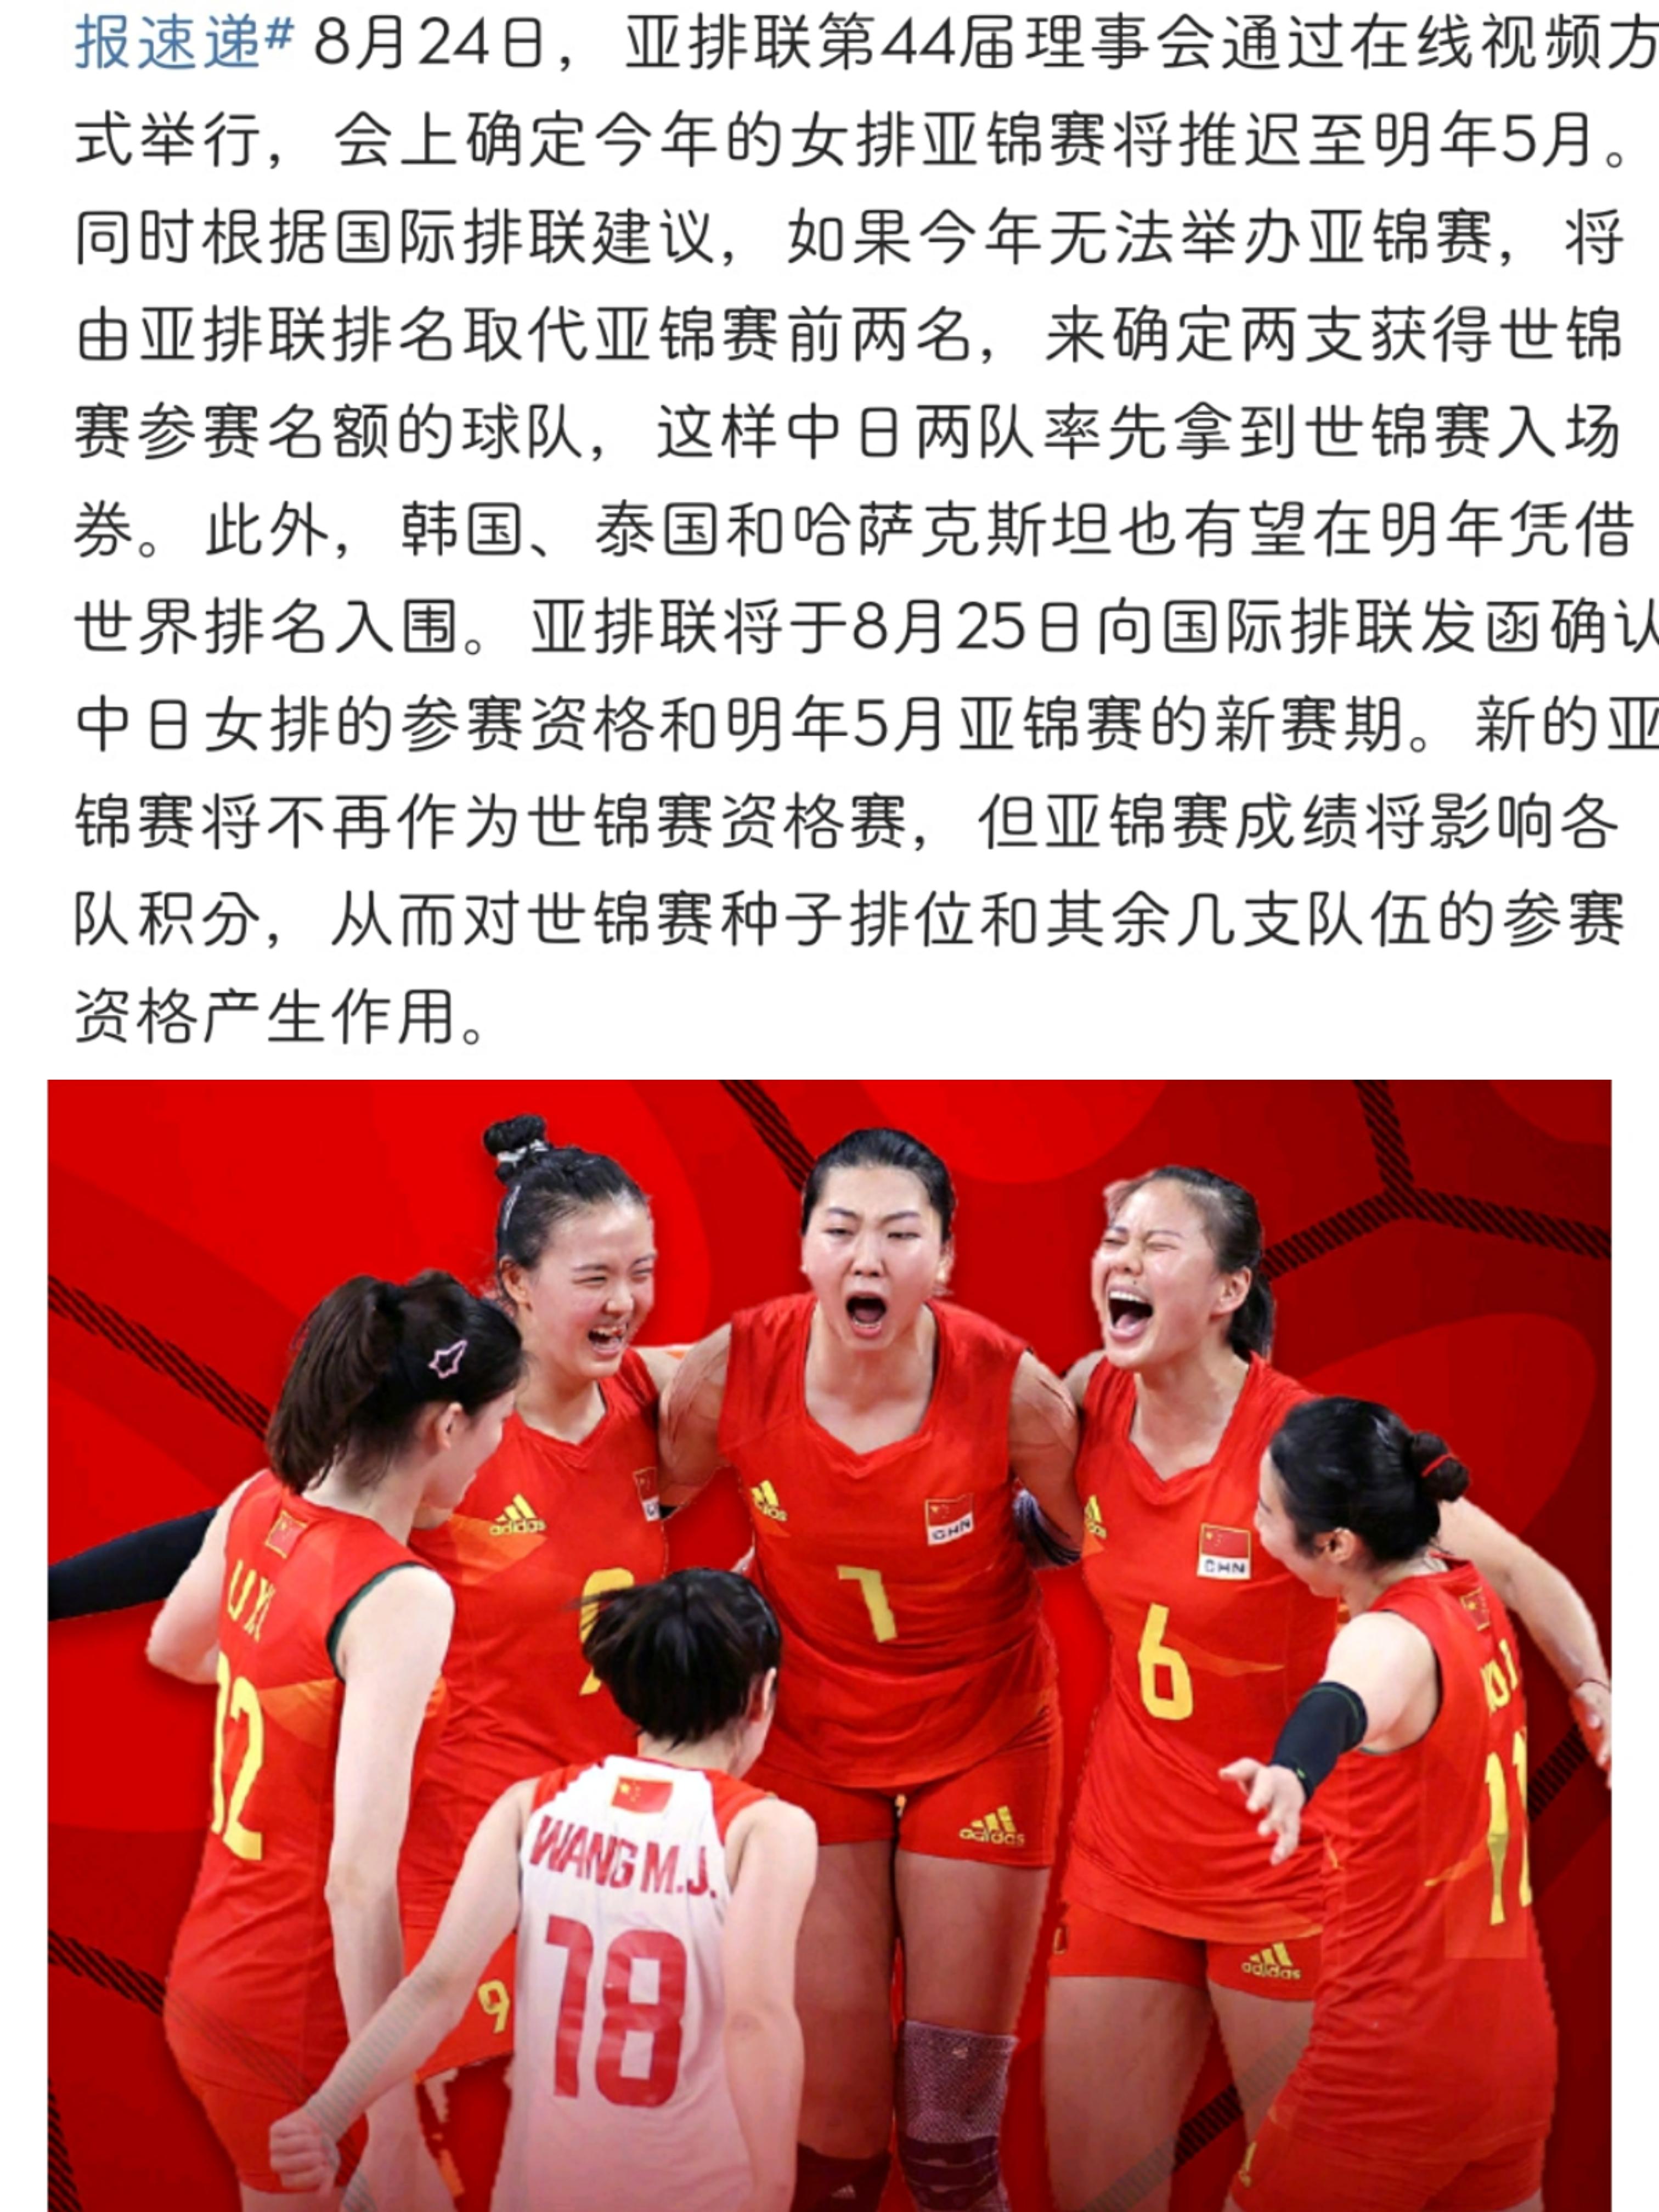 好消息!中国女排提前获世锦赛参赛资格,亚锦赛或成女排新帅首秀